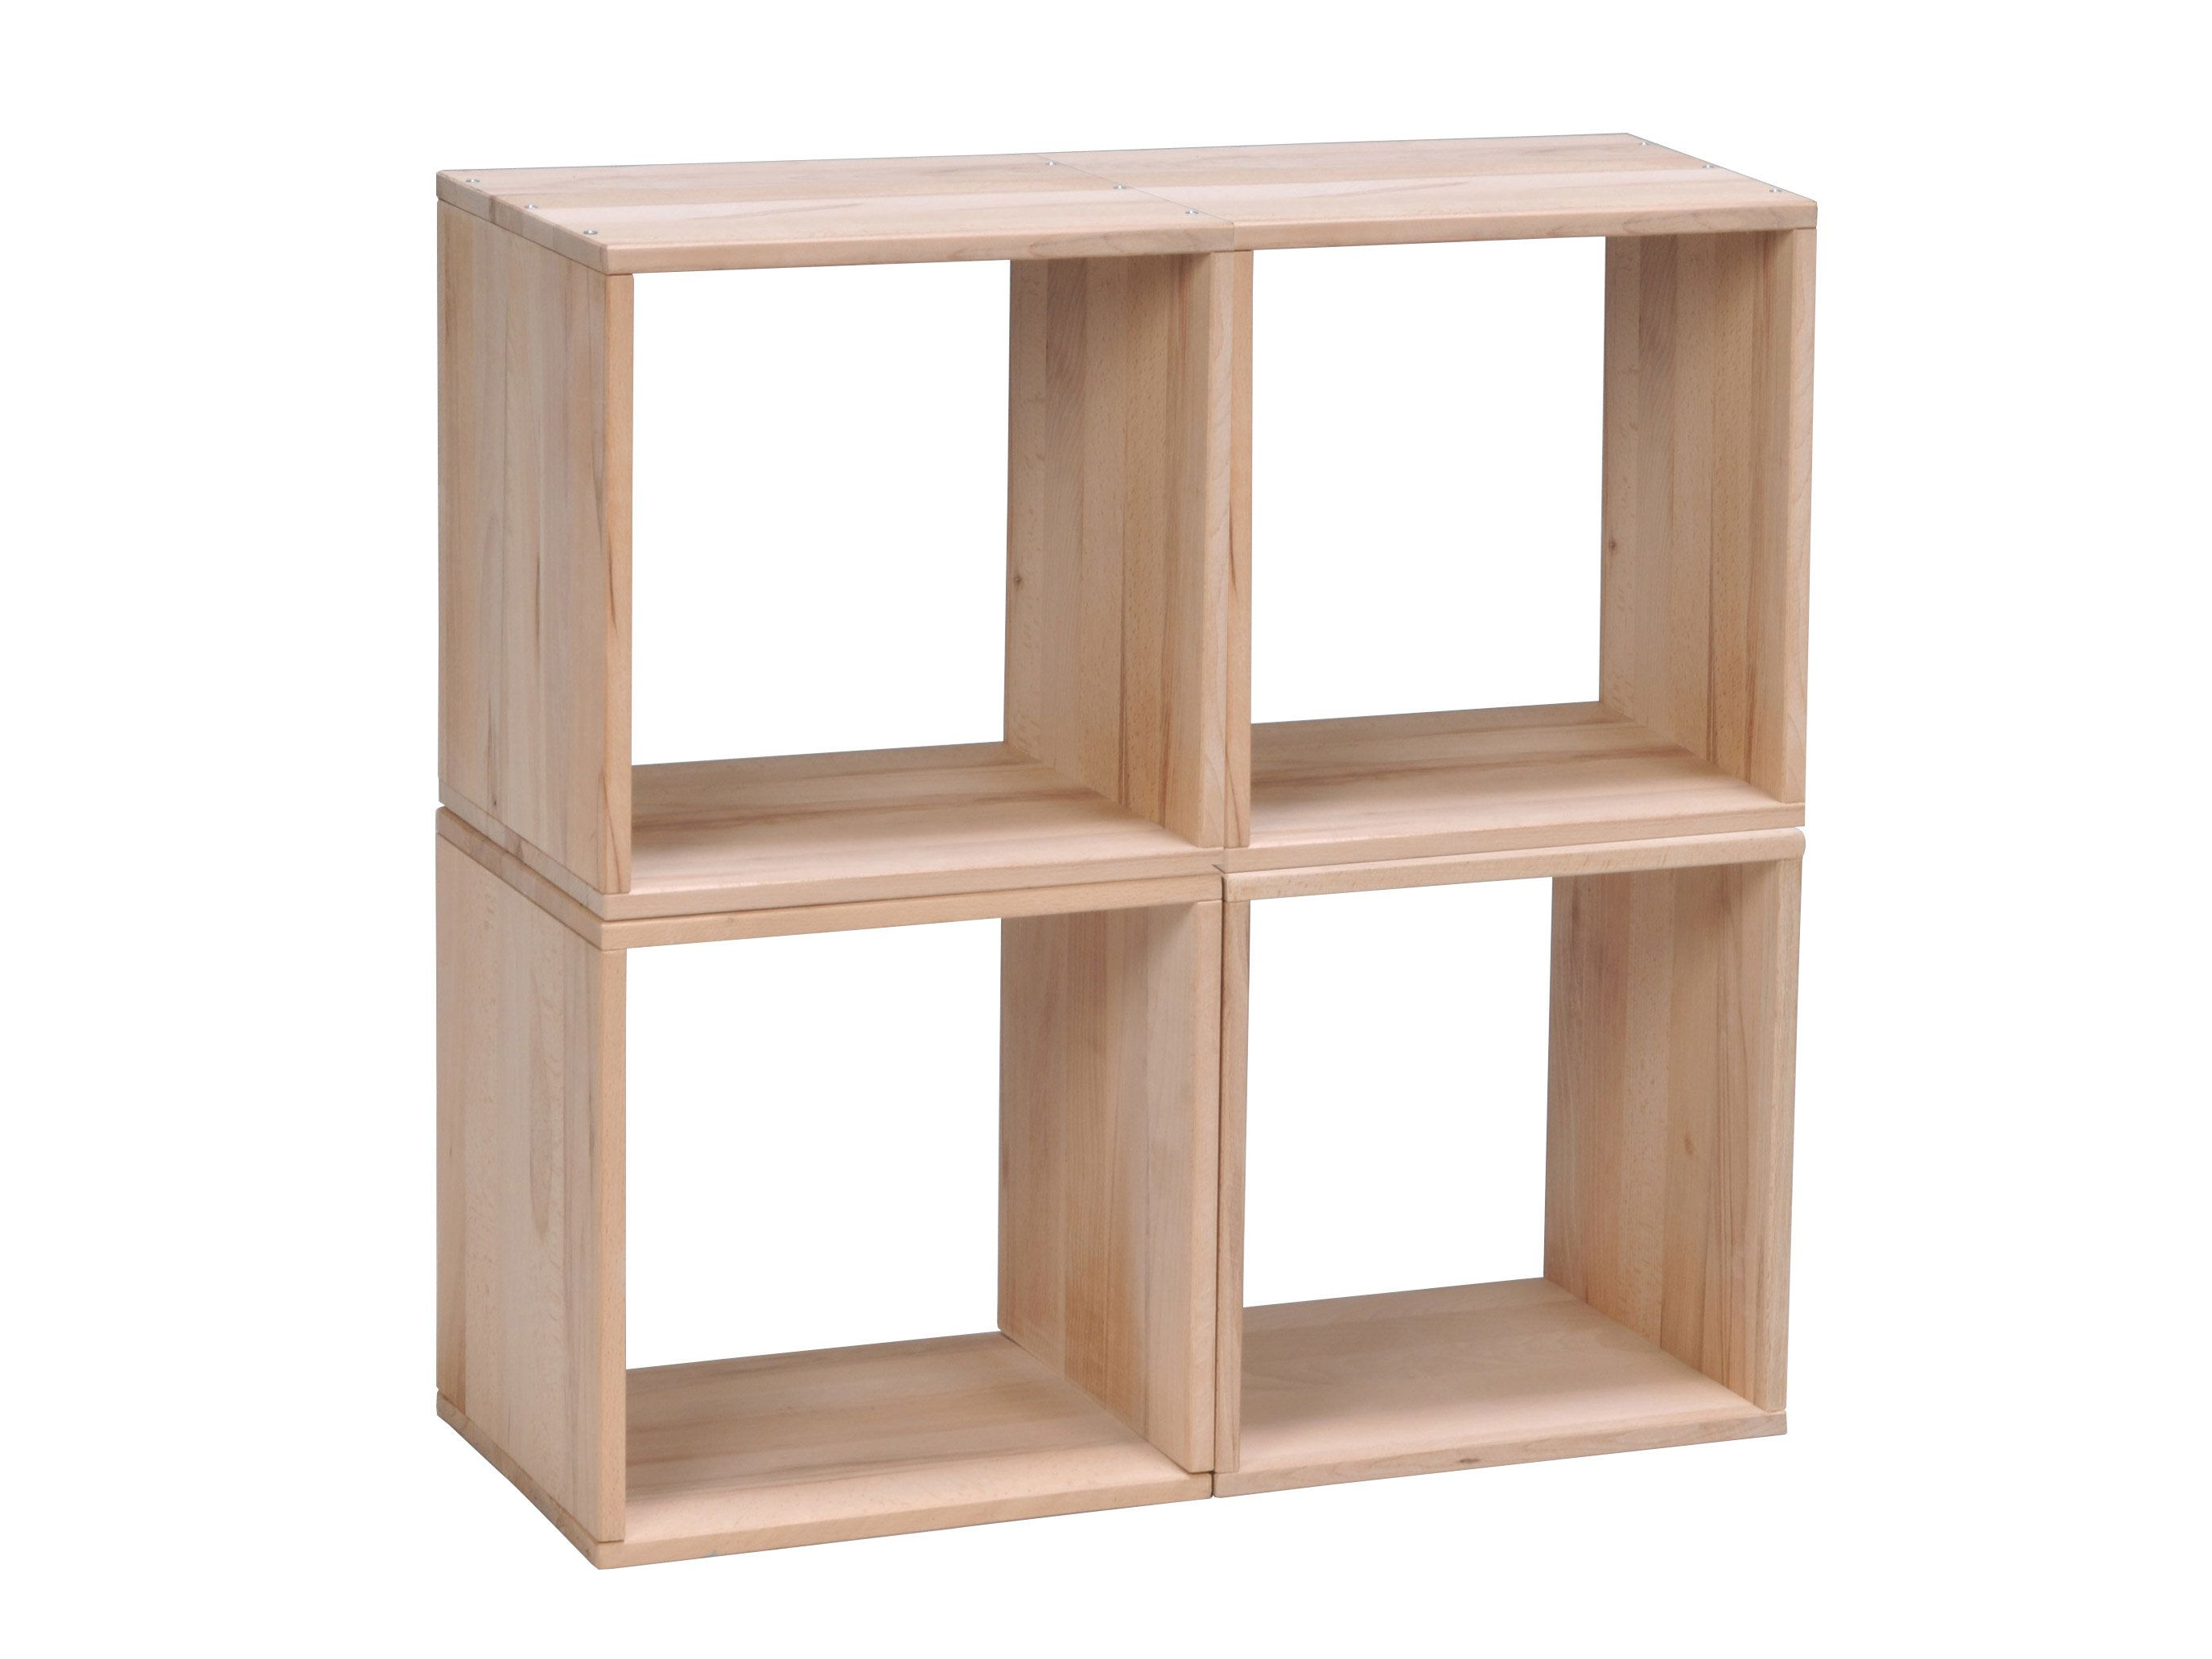 Cubes Modulables Hetre Massif Finition Brut Dimensions Longueur 36 Cm Profondeur 28 Cm Hauteur Diy Furniture Bedroom Deep Bookcase Small Bedroom Decor